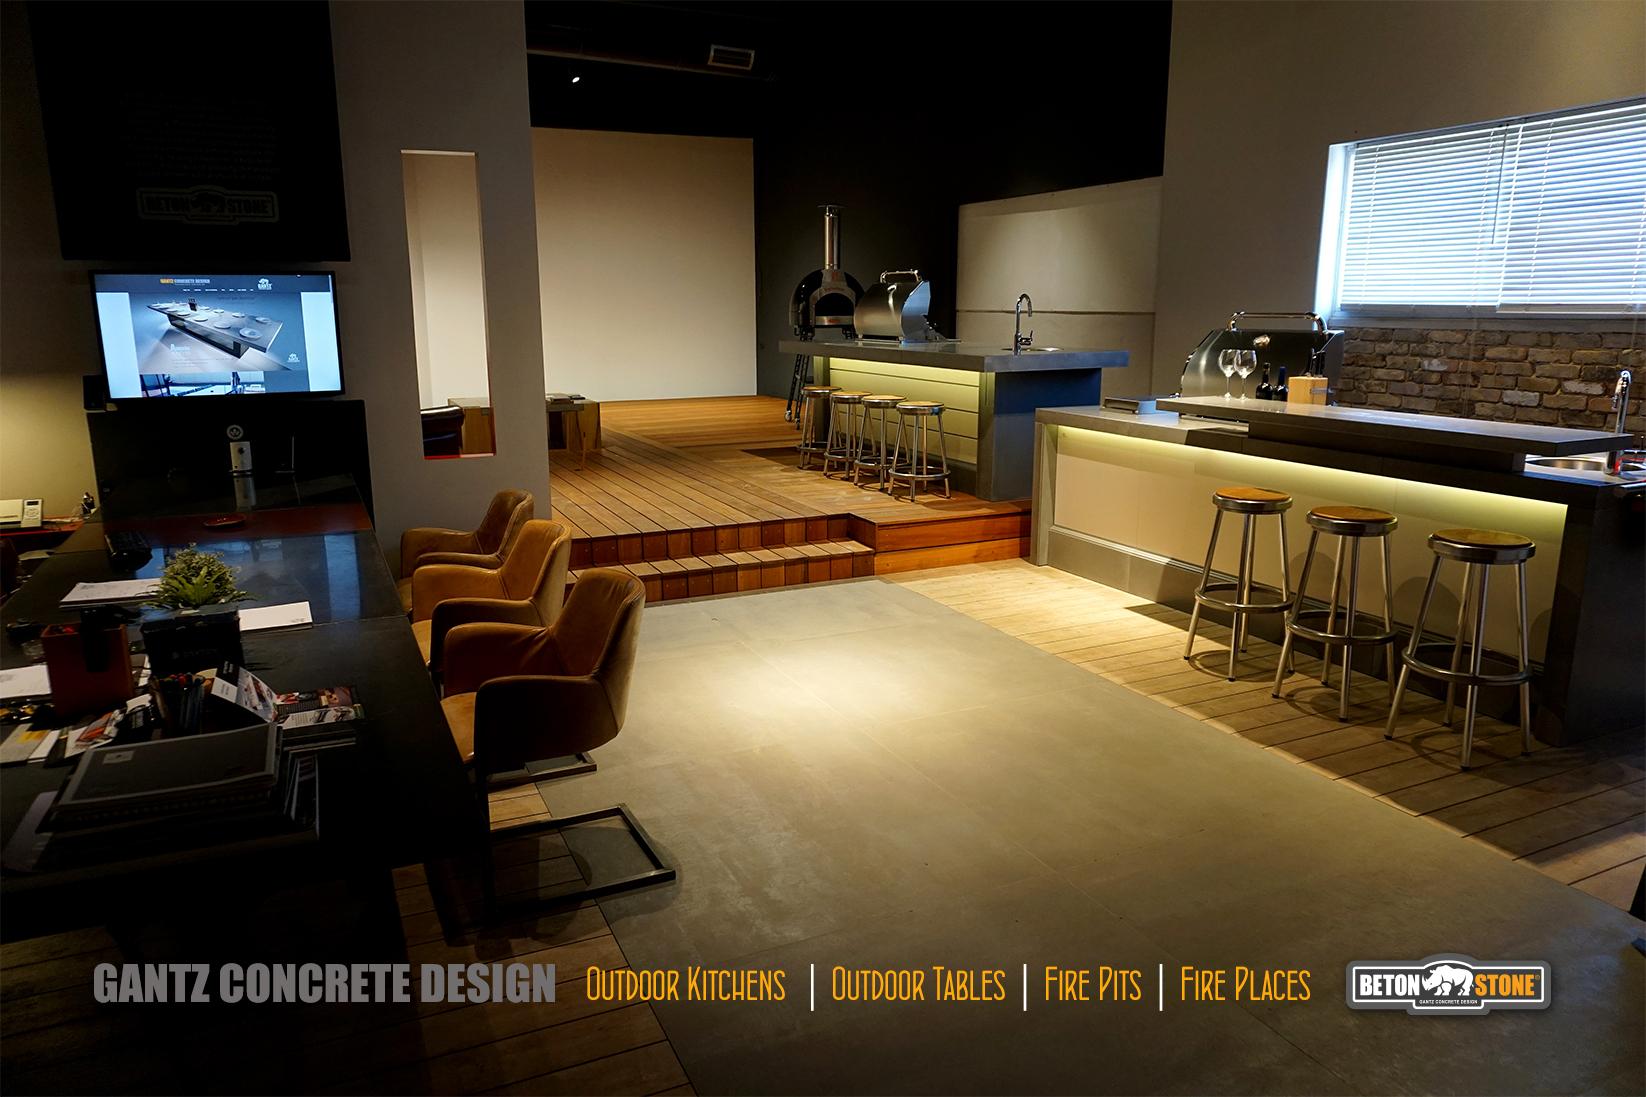 גנץ קונקריט אולם התצוגה למוצרי בטון אדריכלי